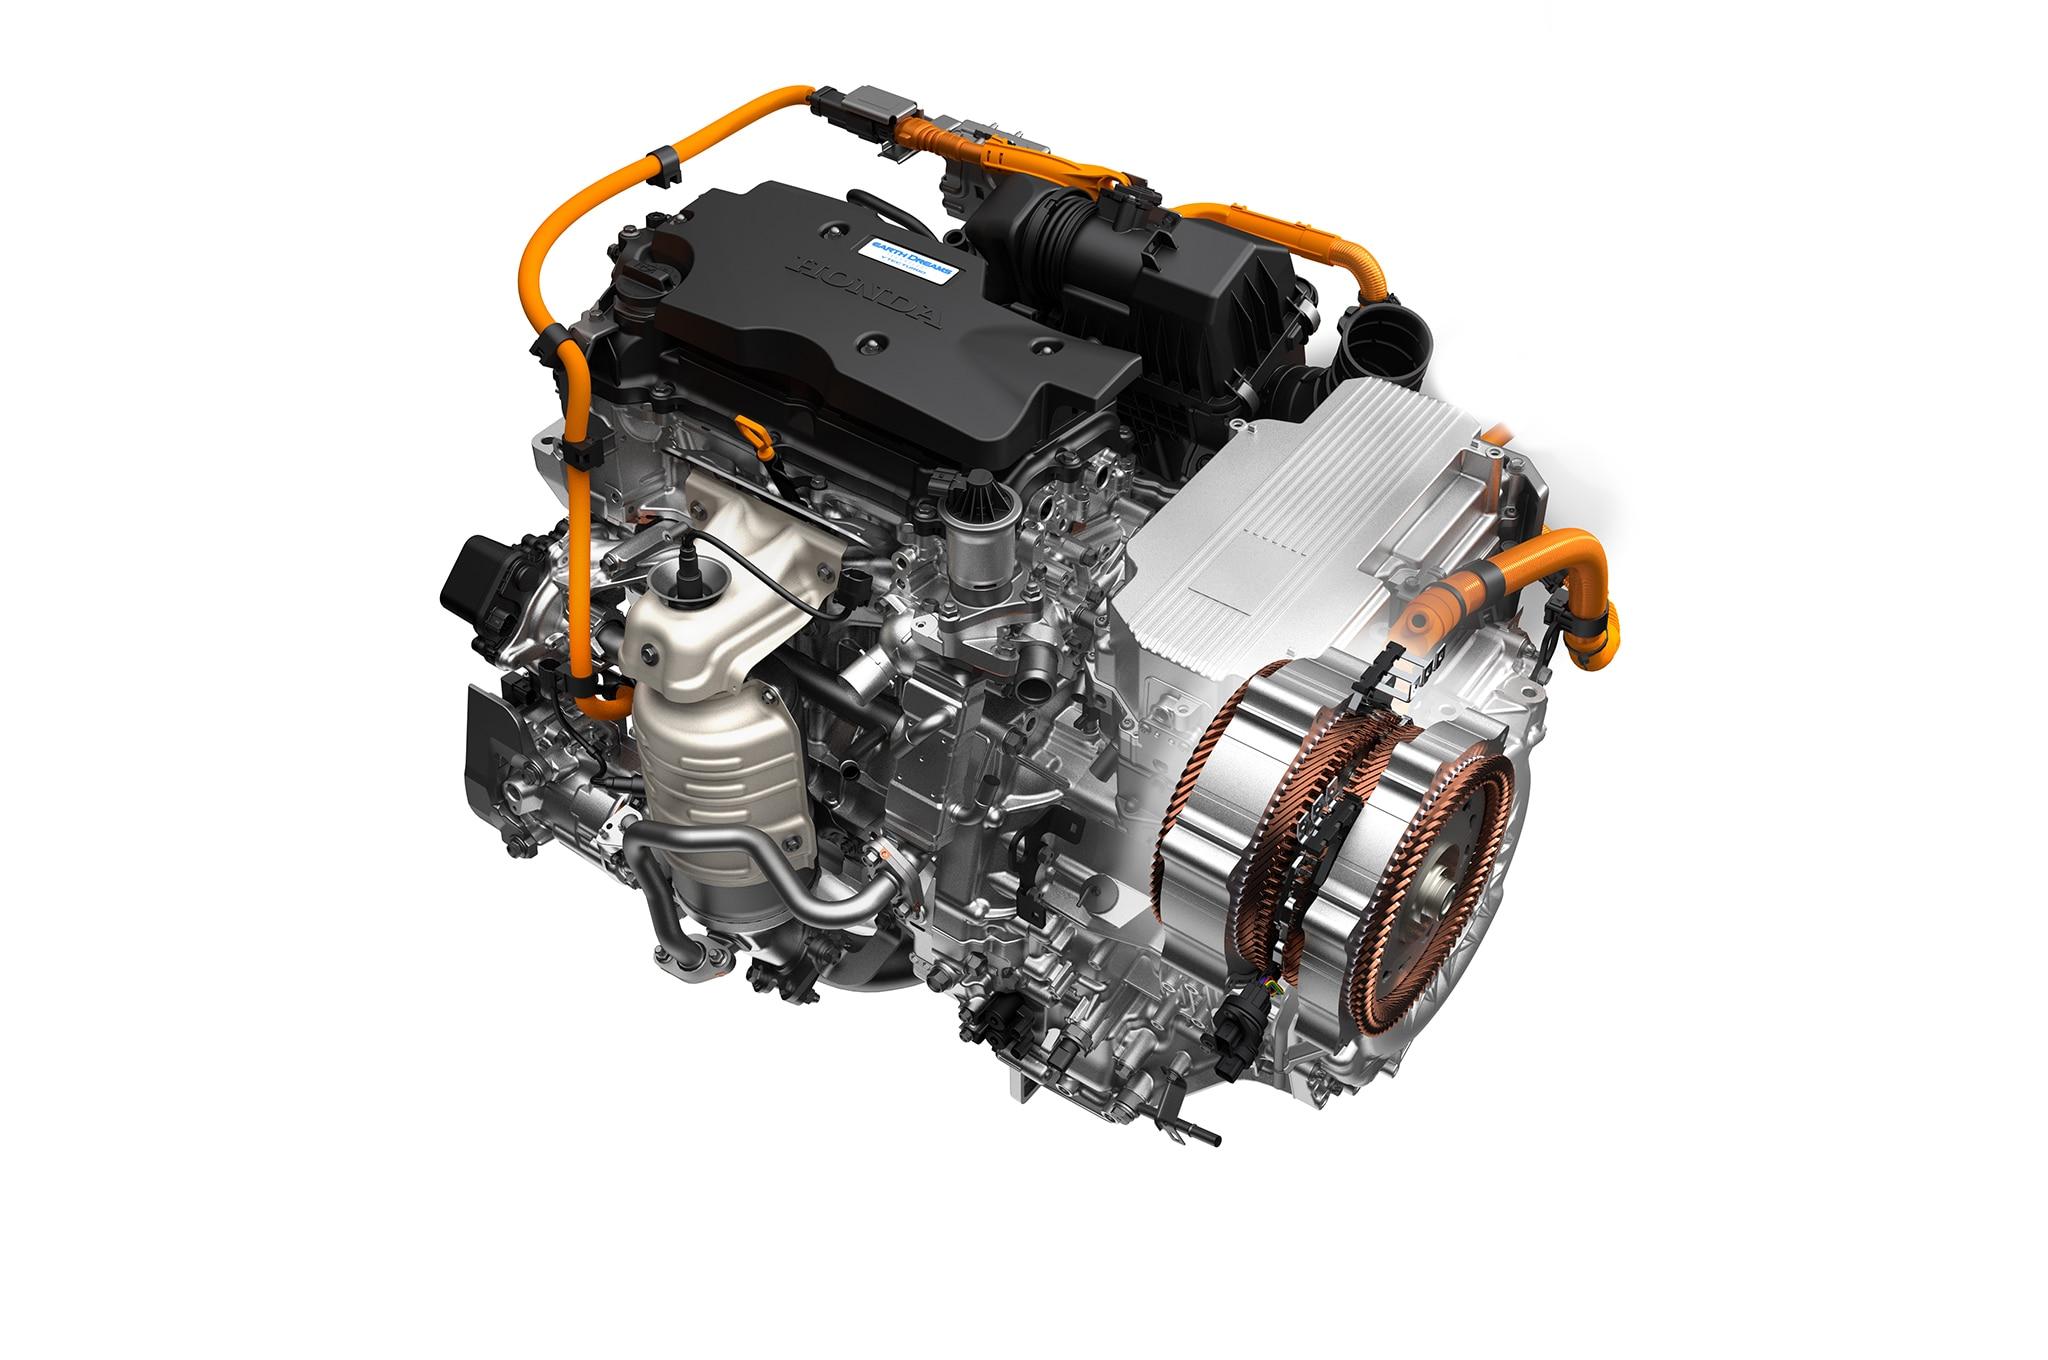 2018 Honda Accord Hybrid Base Price Slashed to $25,990 | Automobile Magazine